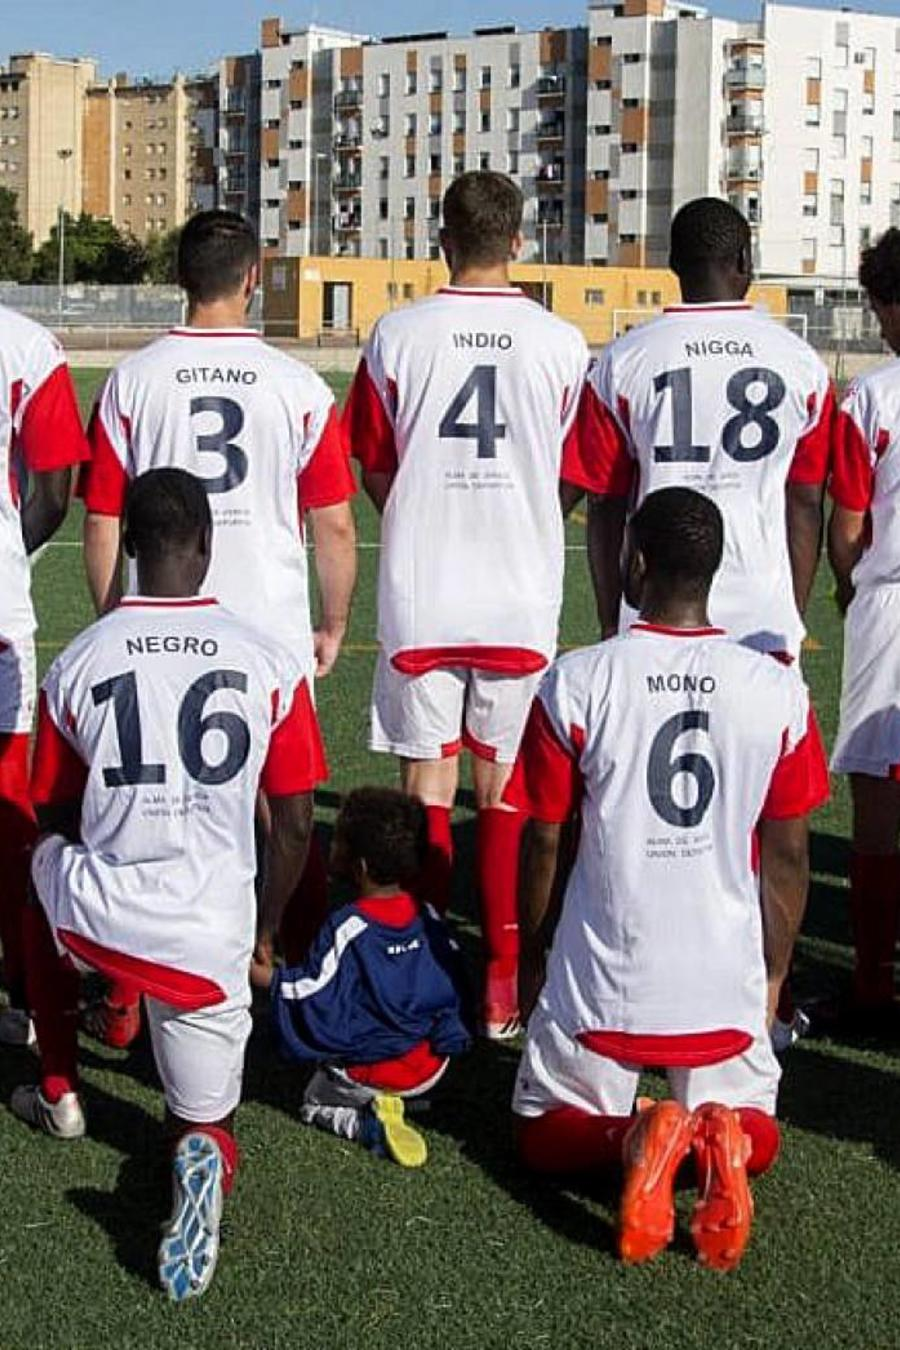 Los jugadores del Alma de África con los insultos racistas en sus camisetas.